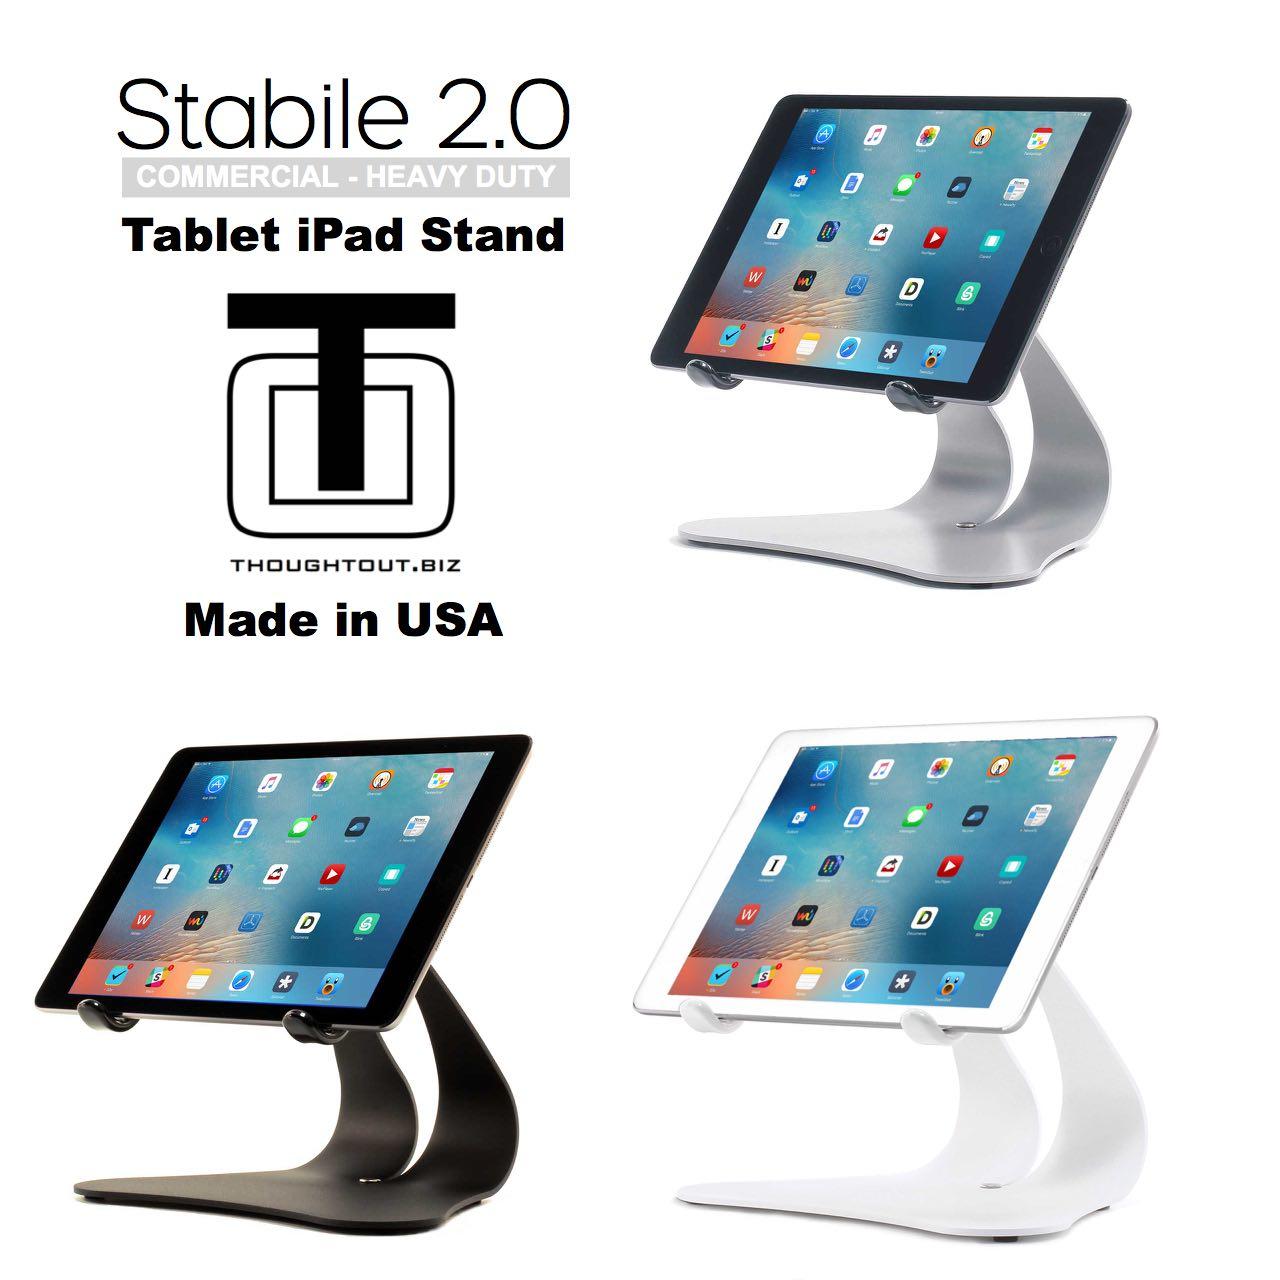 Stabile 2.0 - Silver, Black & White